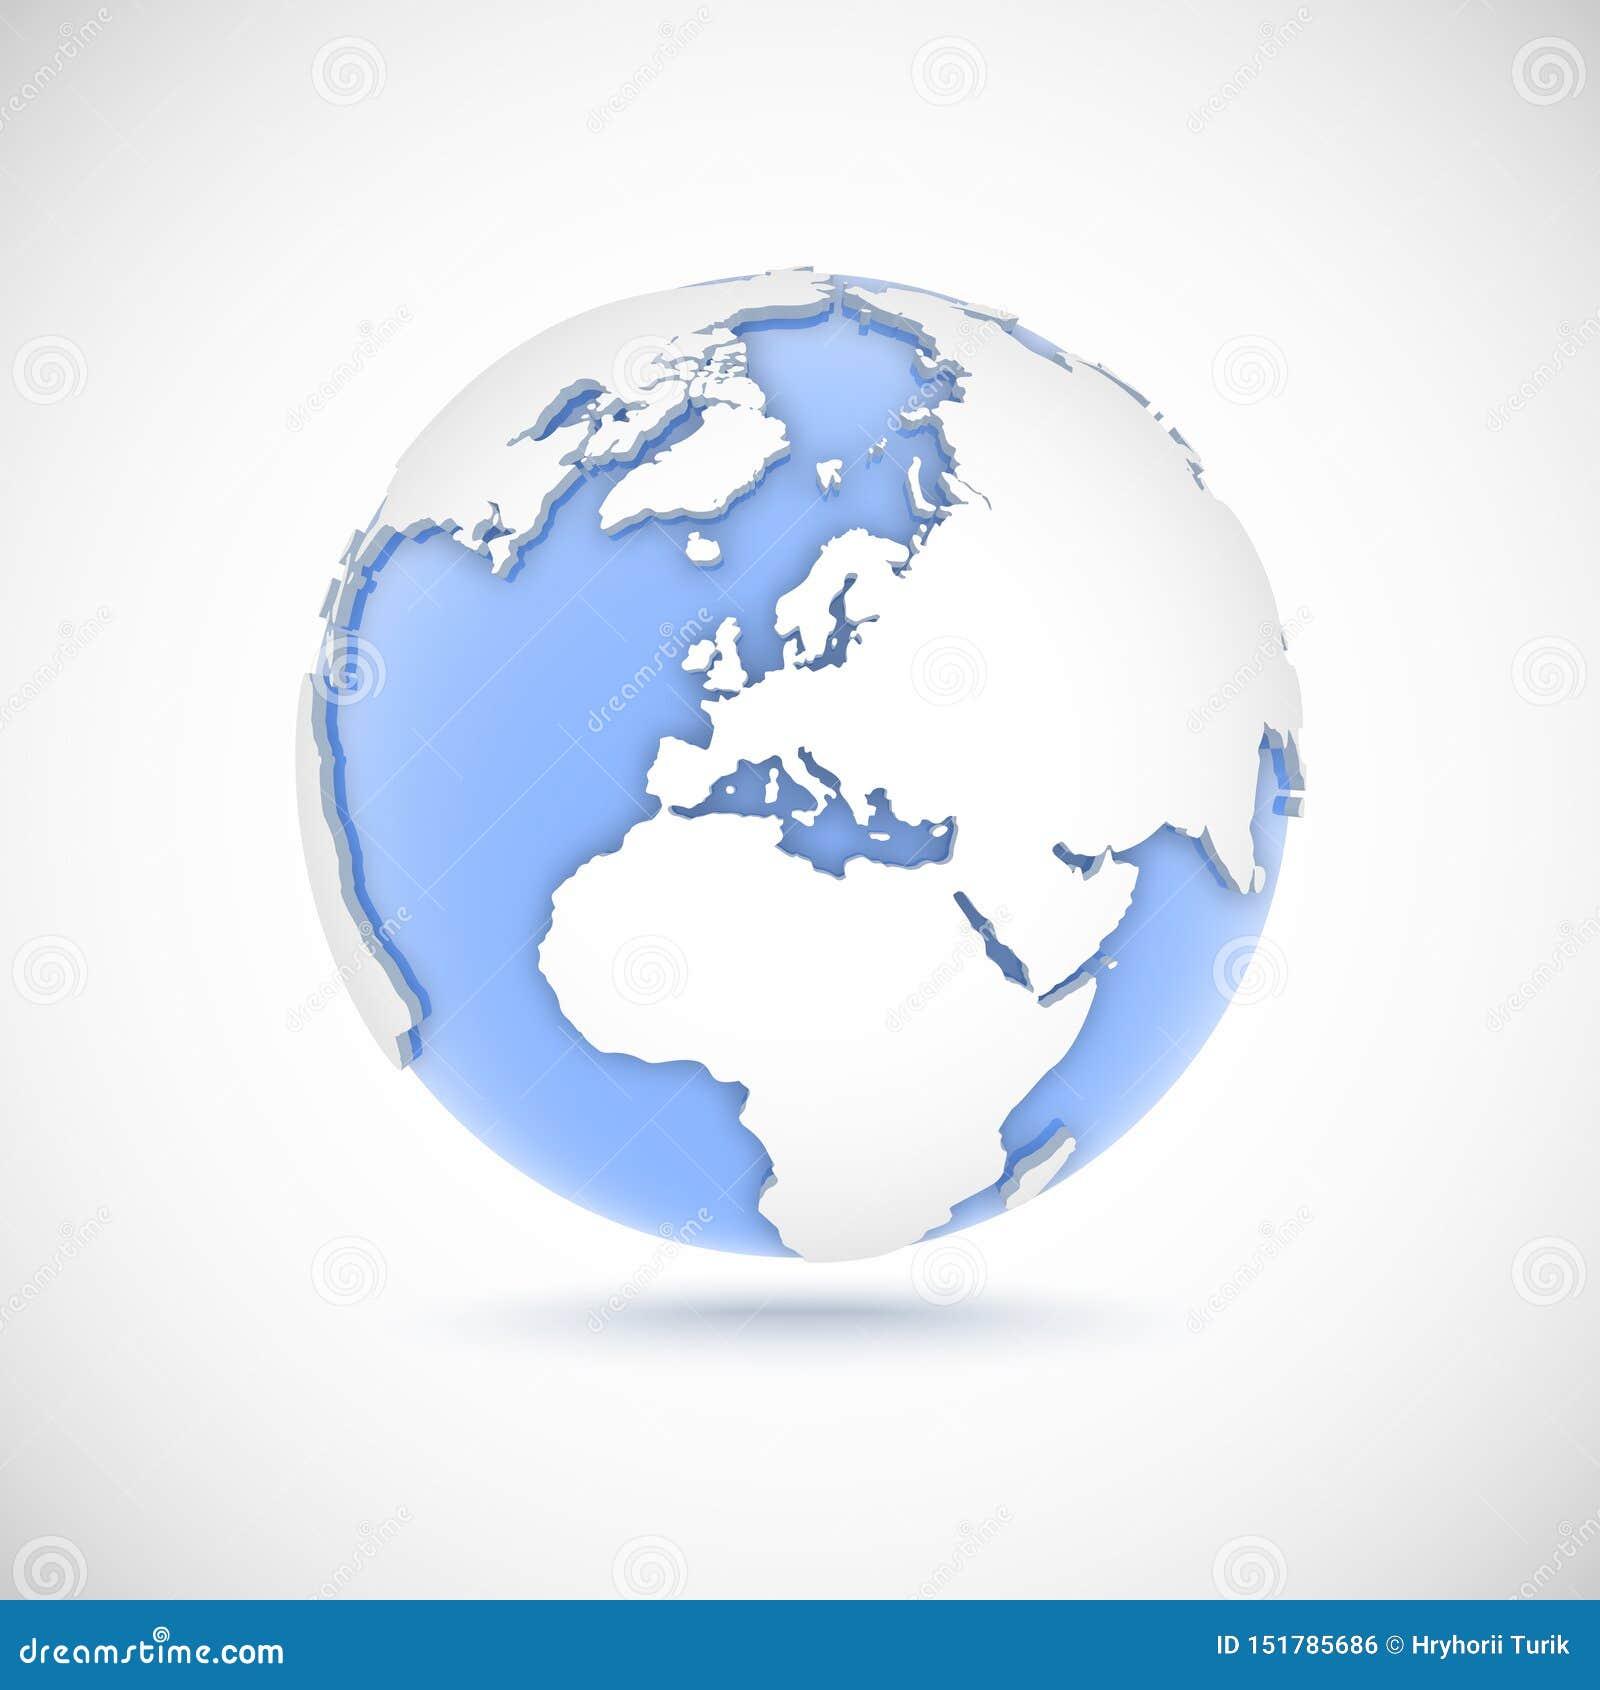 Wolumetryczna kula ziemska w białych i błękita kolorach 3d wektorowa ilustracja z kontynentami Ameryka, Europa, Afryka, Azja